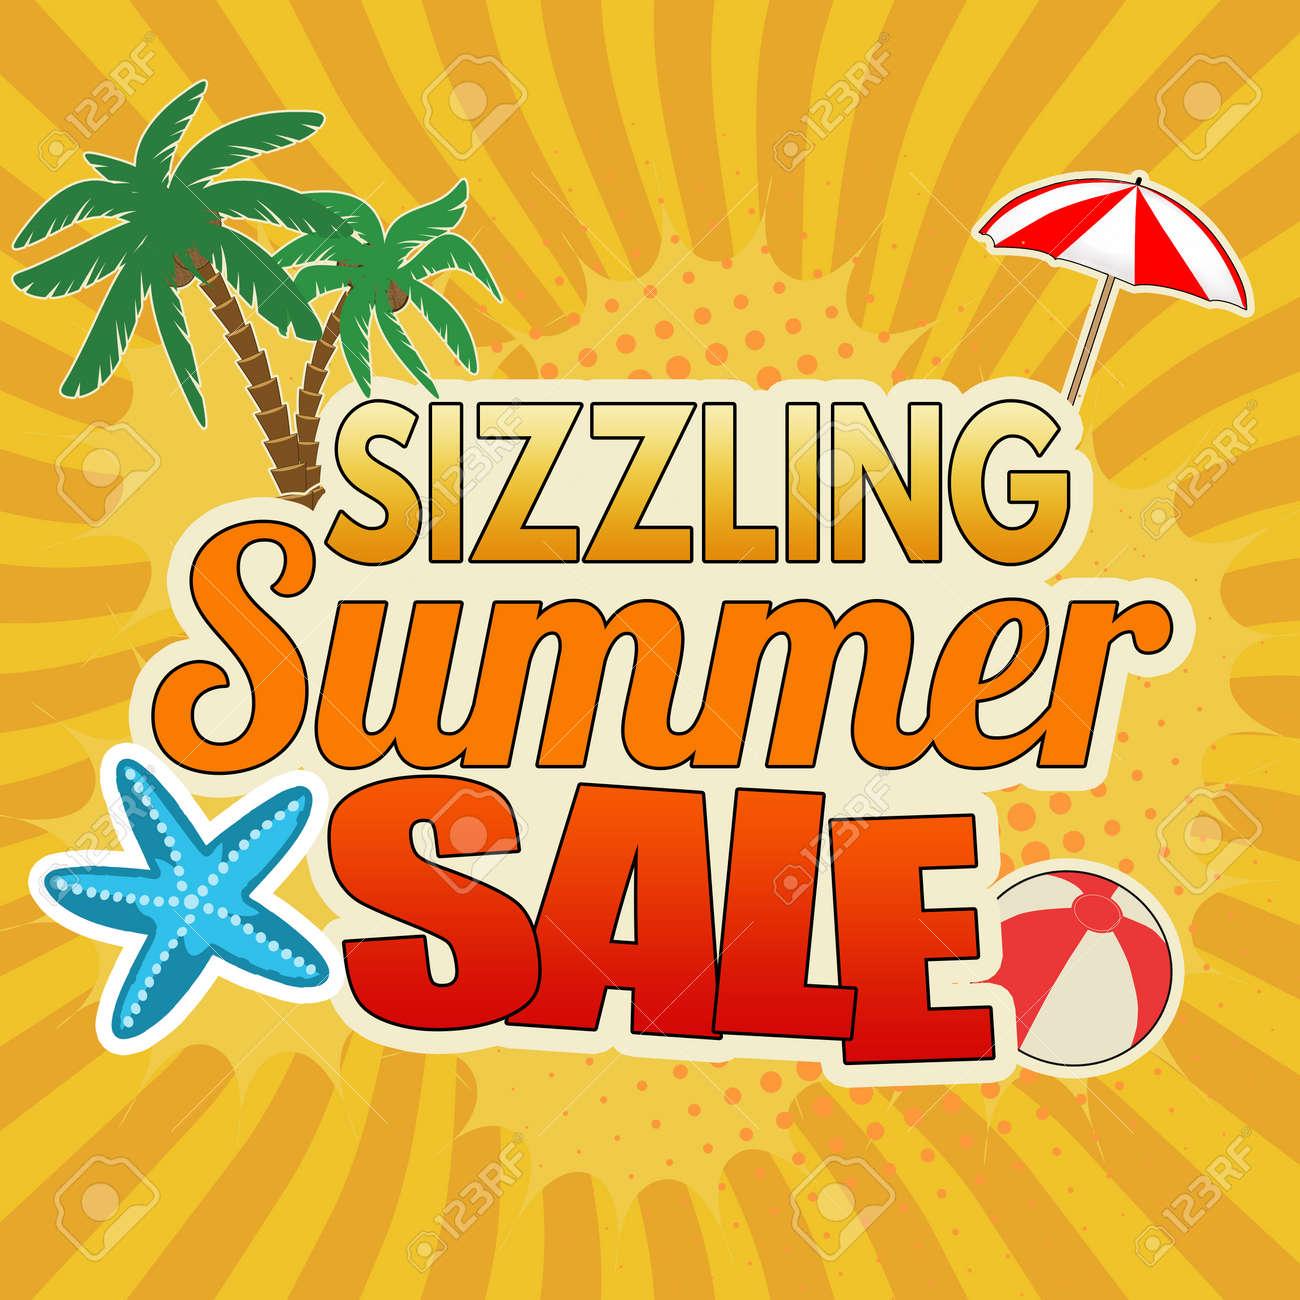 Sizzling summer sale advertising poster design on orange background, vector illustration - 81477252